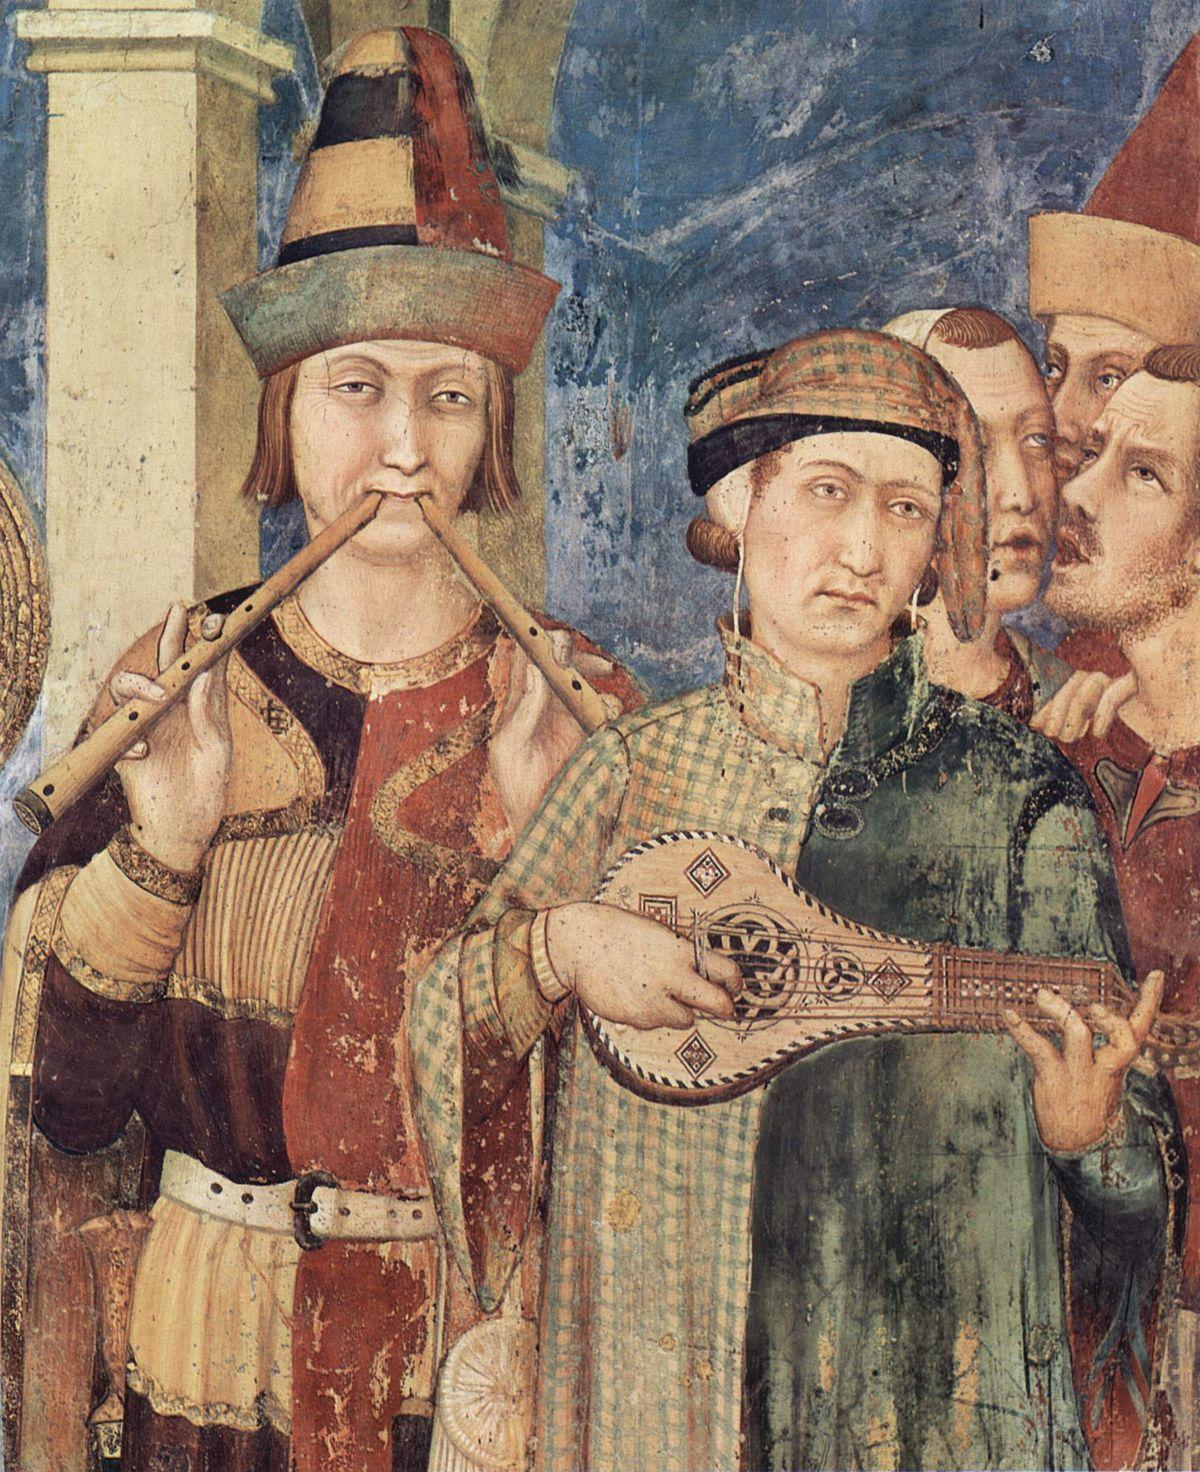 Simone Martini, dettaglio dall'affresco della Vestizione di San Martino, Basilica inferiore di San Francesco, Assisi